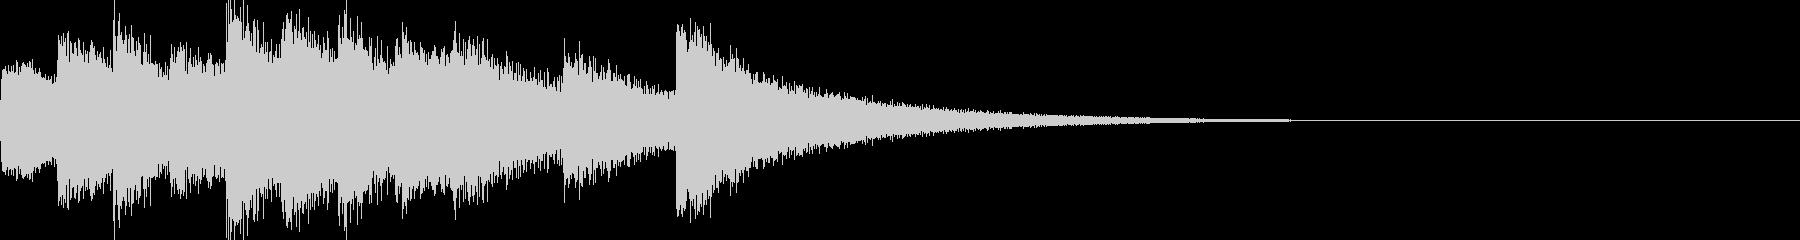 キンコカンコン キンコンカンコン の満点の未再生の波形